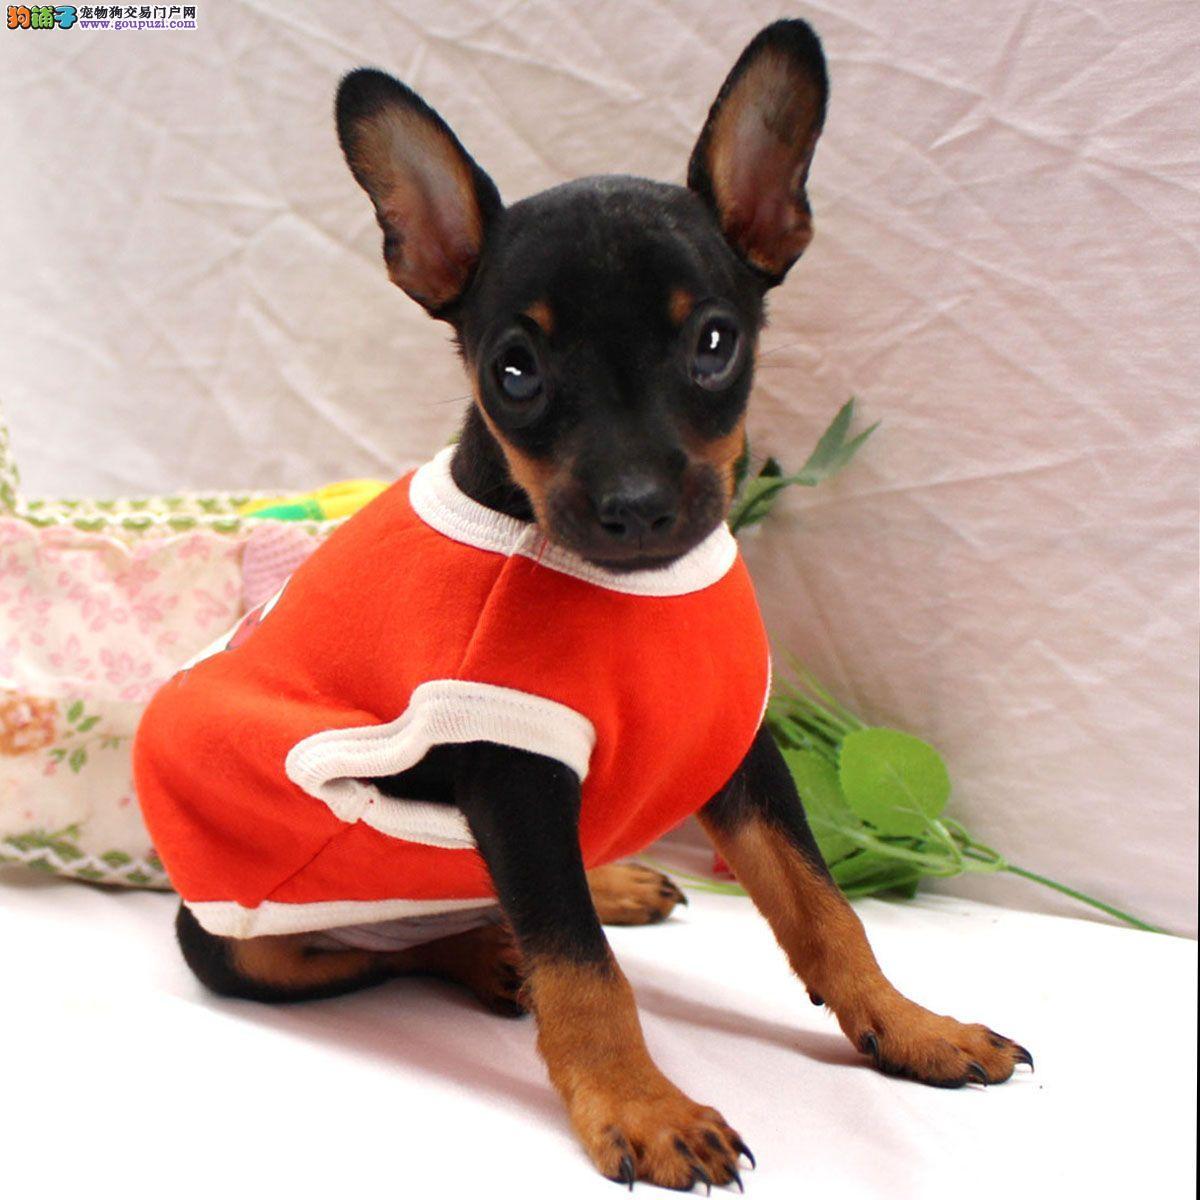 犬舍直销品种纯正健康烟台小鹿犬价格美丽非诚勿扰